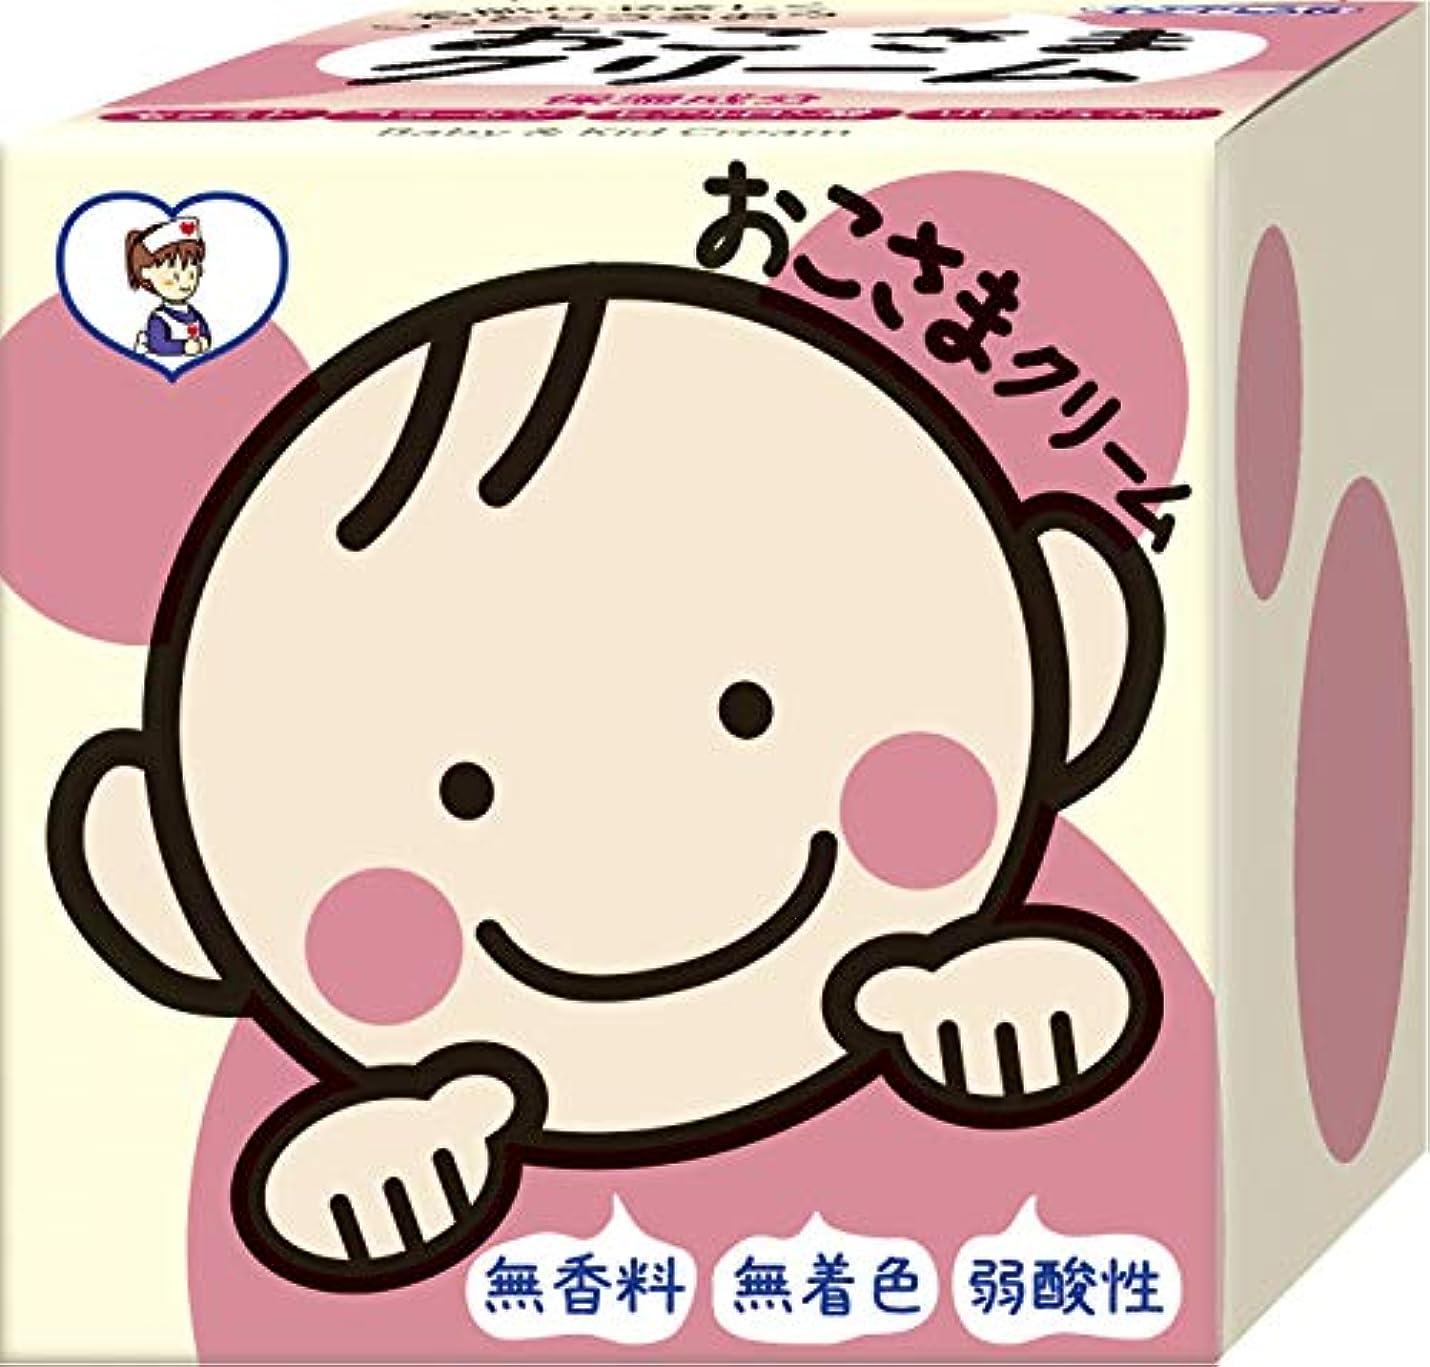 カウント穿孔する含意TO-PLAN(トプラン) おこさまクリーム110g 無着色 無香料 低刺激クリーム